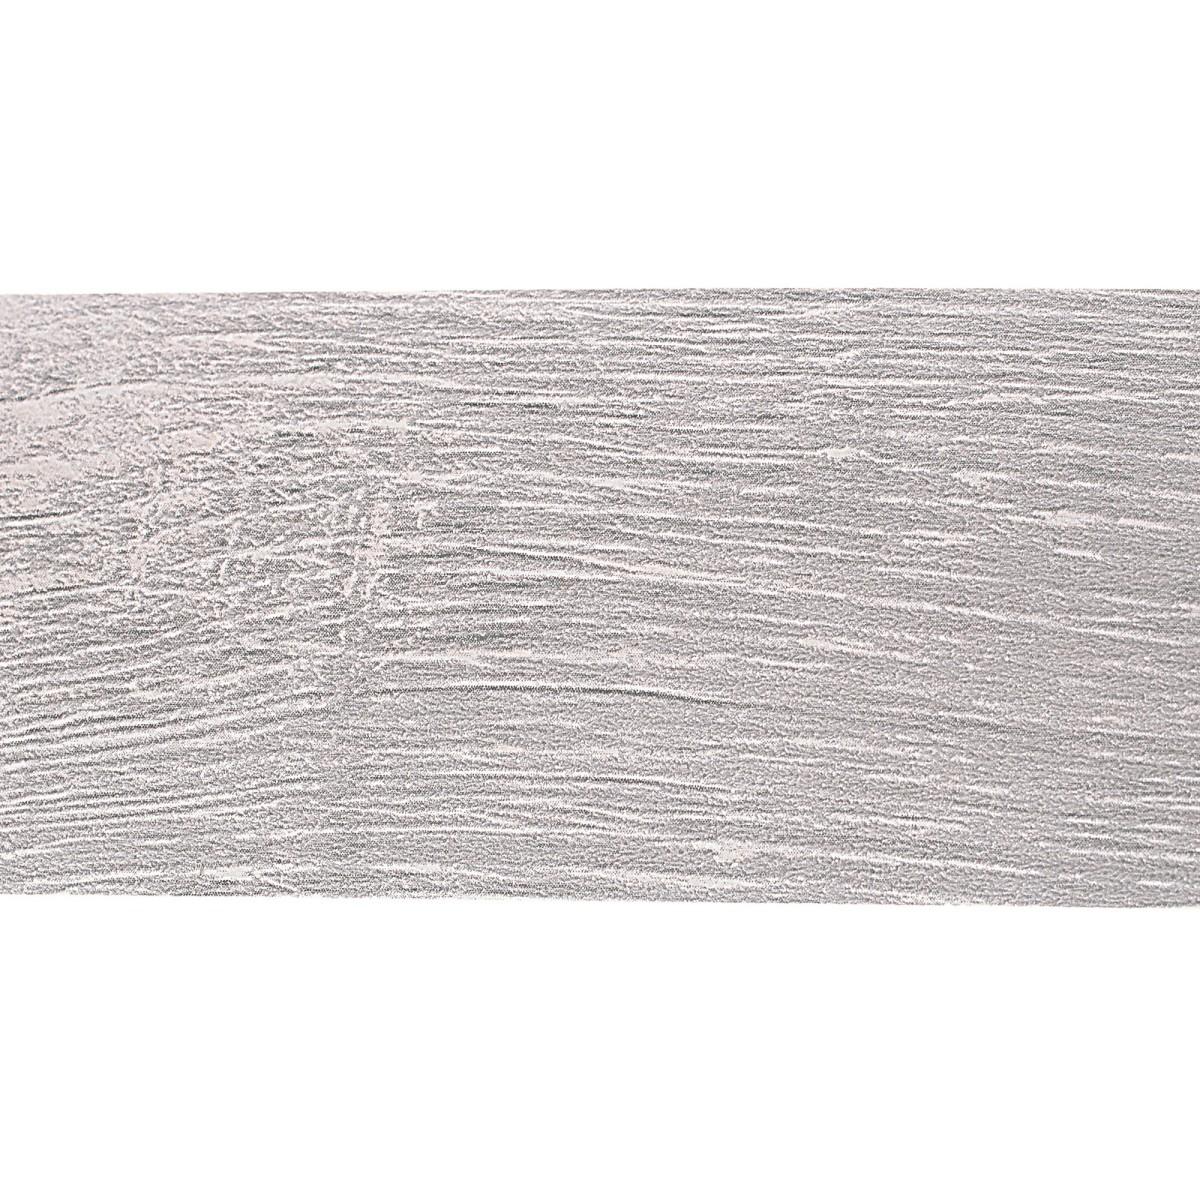 Кромка №3310 С Клеем Для Столешницы 305Х42 Цвет Серый